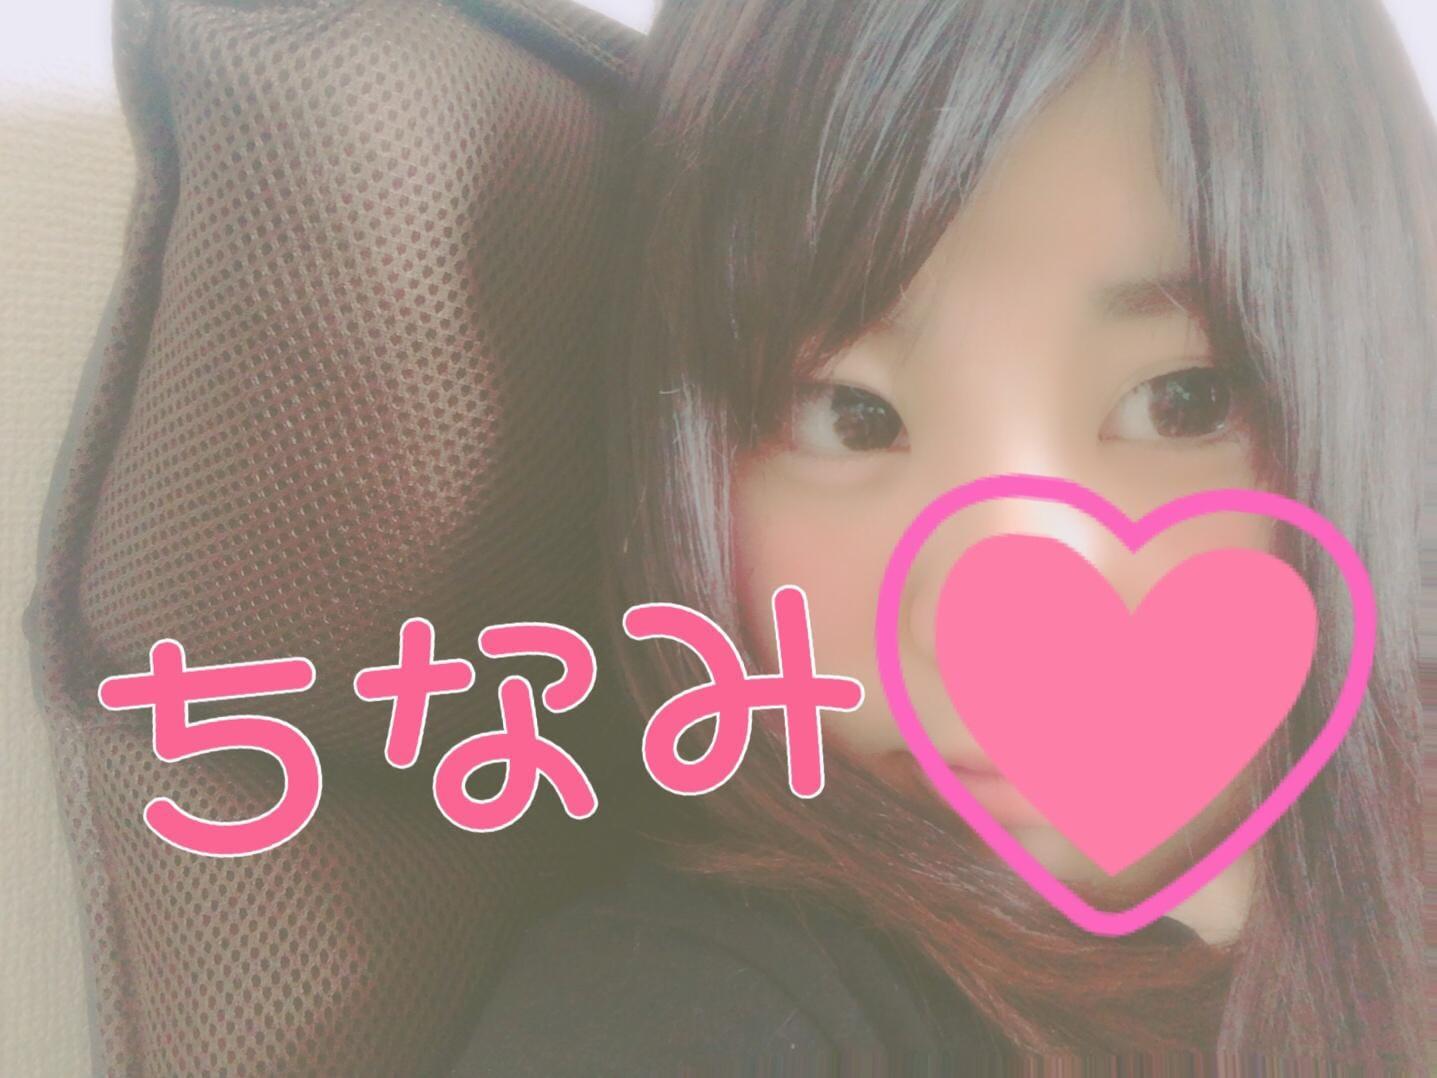 「お久しぶりです⸜(  ॑꒳ ॑  )⸝♡♡」07/17(火) 15:15   ちなみの写メ・風俗動画